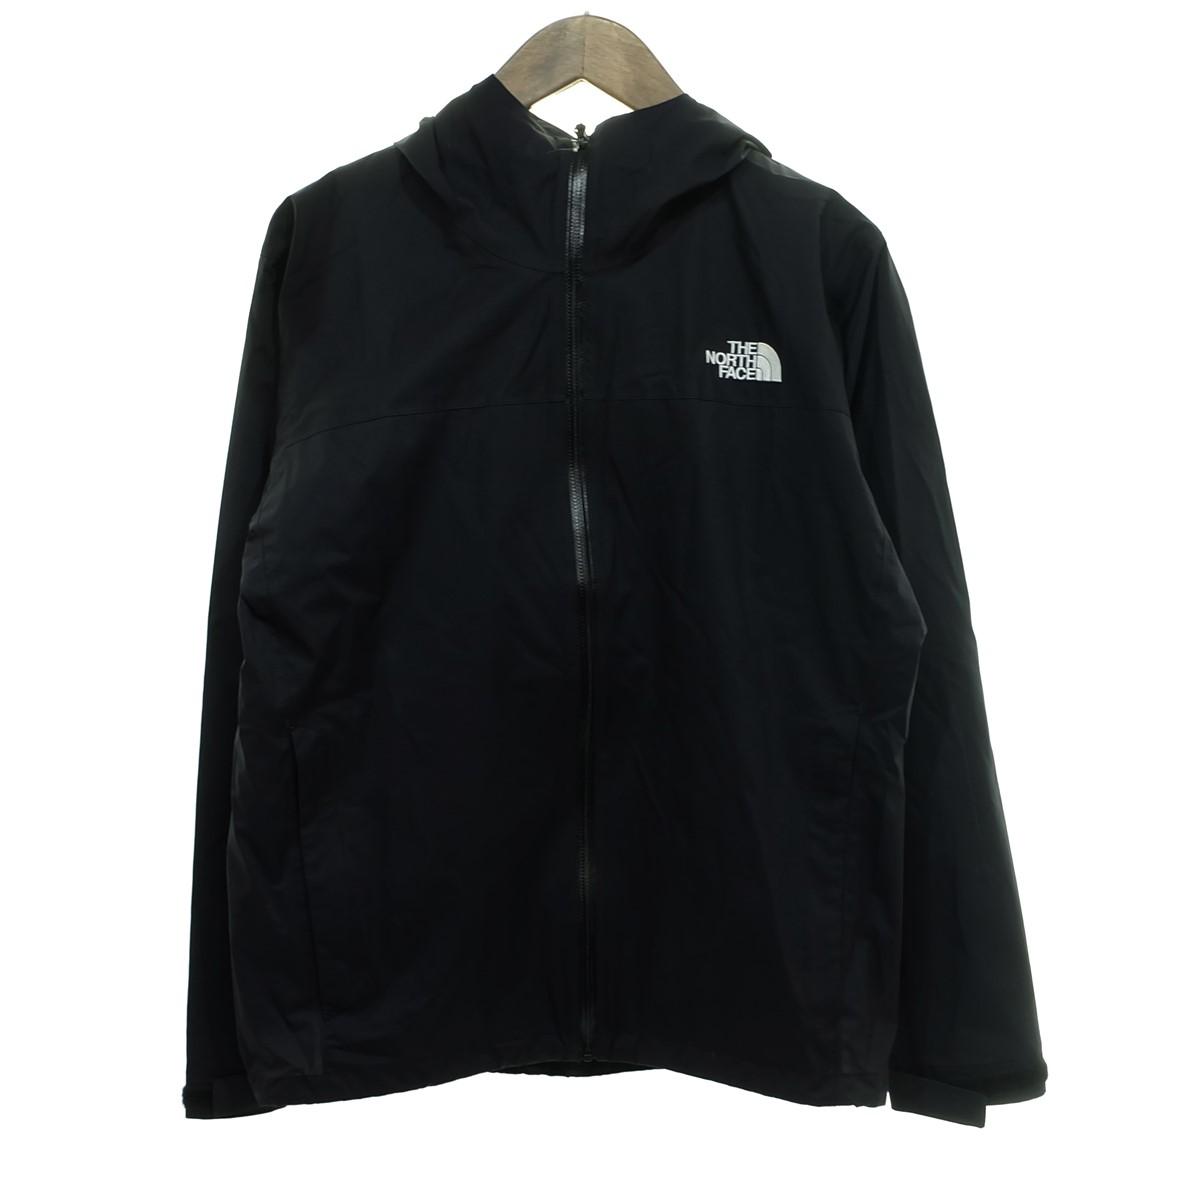 【中古】THE NORTH FACE ベンチャージャケット ブラック サイズ:M 【220320】(ザノースフェイス)